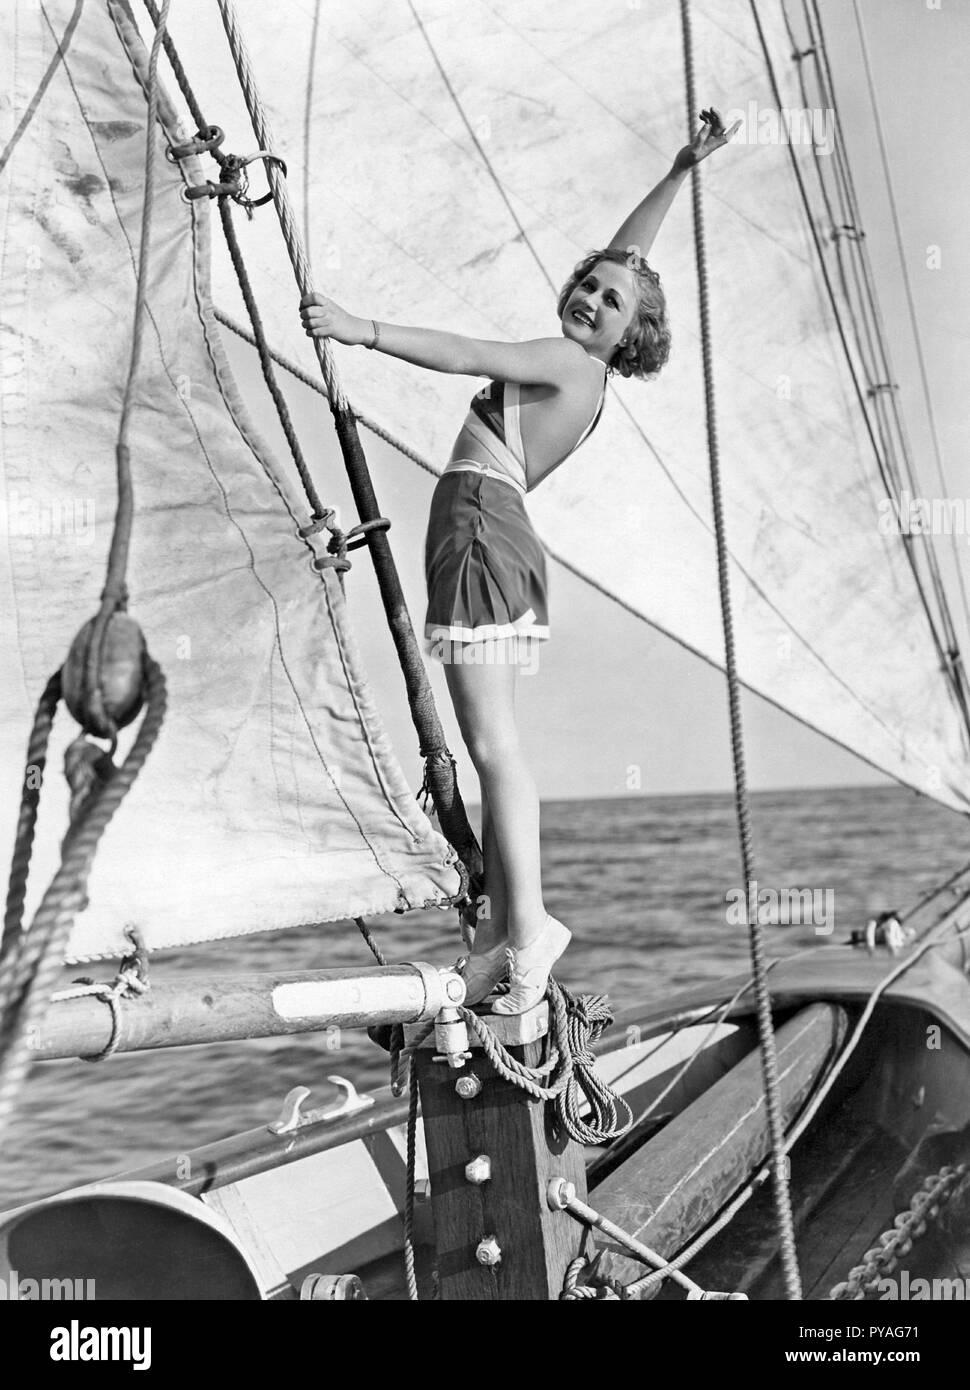 Die amerikanische Schauspielerin in den 1930er Jahren. Die amerikanische Schauspielerin Wynne Gibson, 1898-1987. Sie war mit Film company Paramount unter Vertrag und machte etwa 50 Filme zwischen 1929 und 1956. Hier sehen Sie das Tragen eines 1930er Jahre Sommer Outfit an Bord der Segelyacht schoner Mariner. 1930er Jahre Stockbild